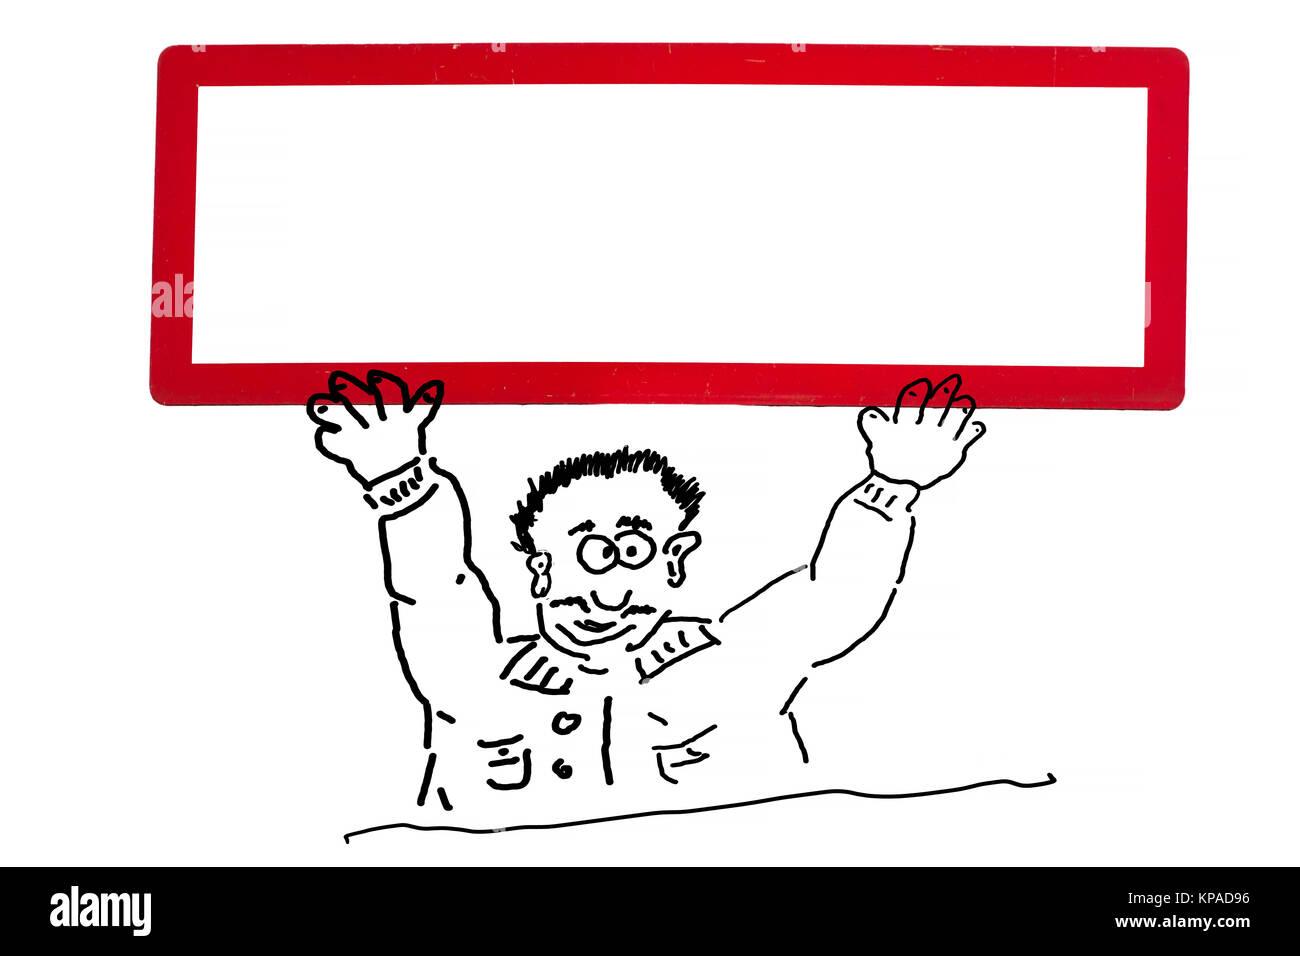 Handzeichnung von einer Werbefigur,  Comicfigur oder Strichzeichnung. Comicfigur hält ein weißes Schild mit roten Stock Photo